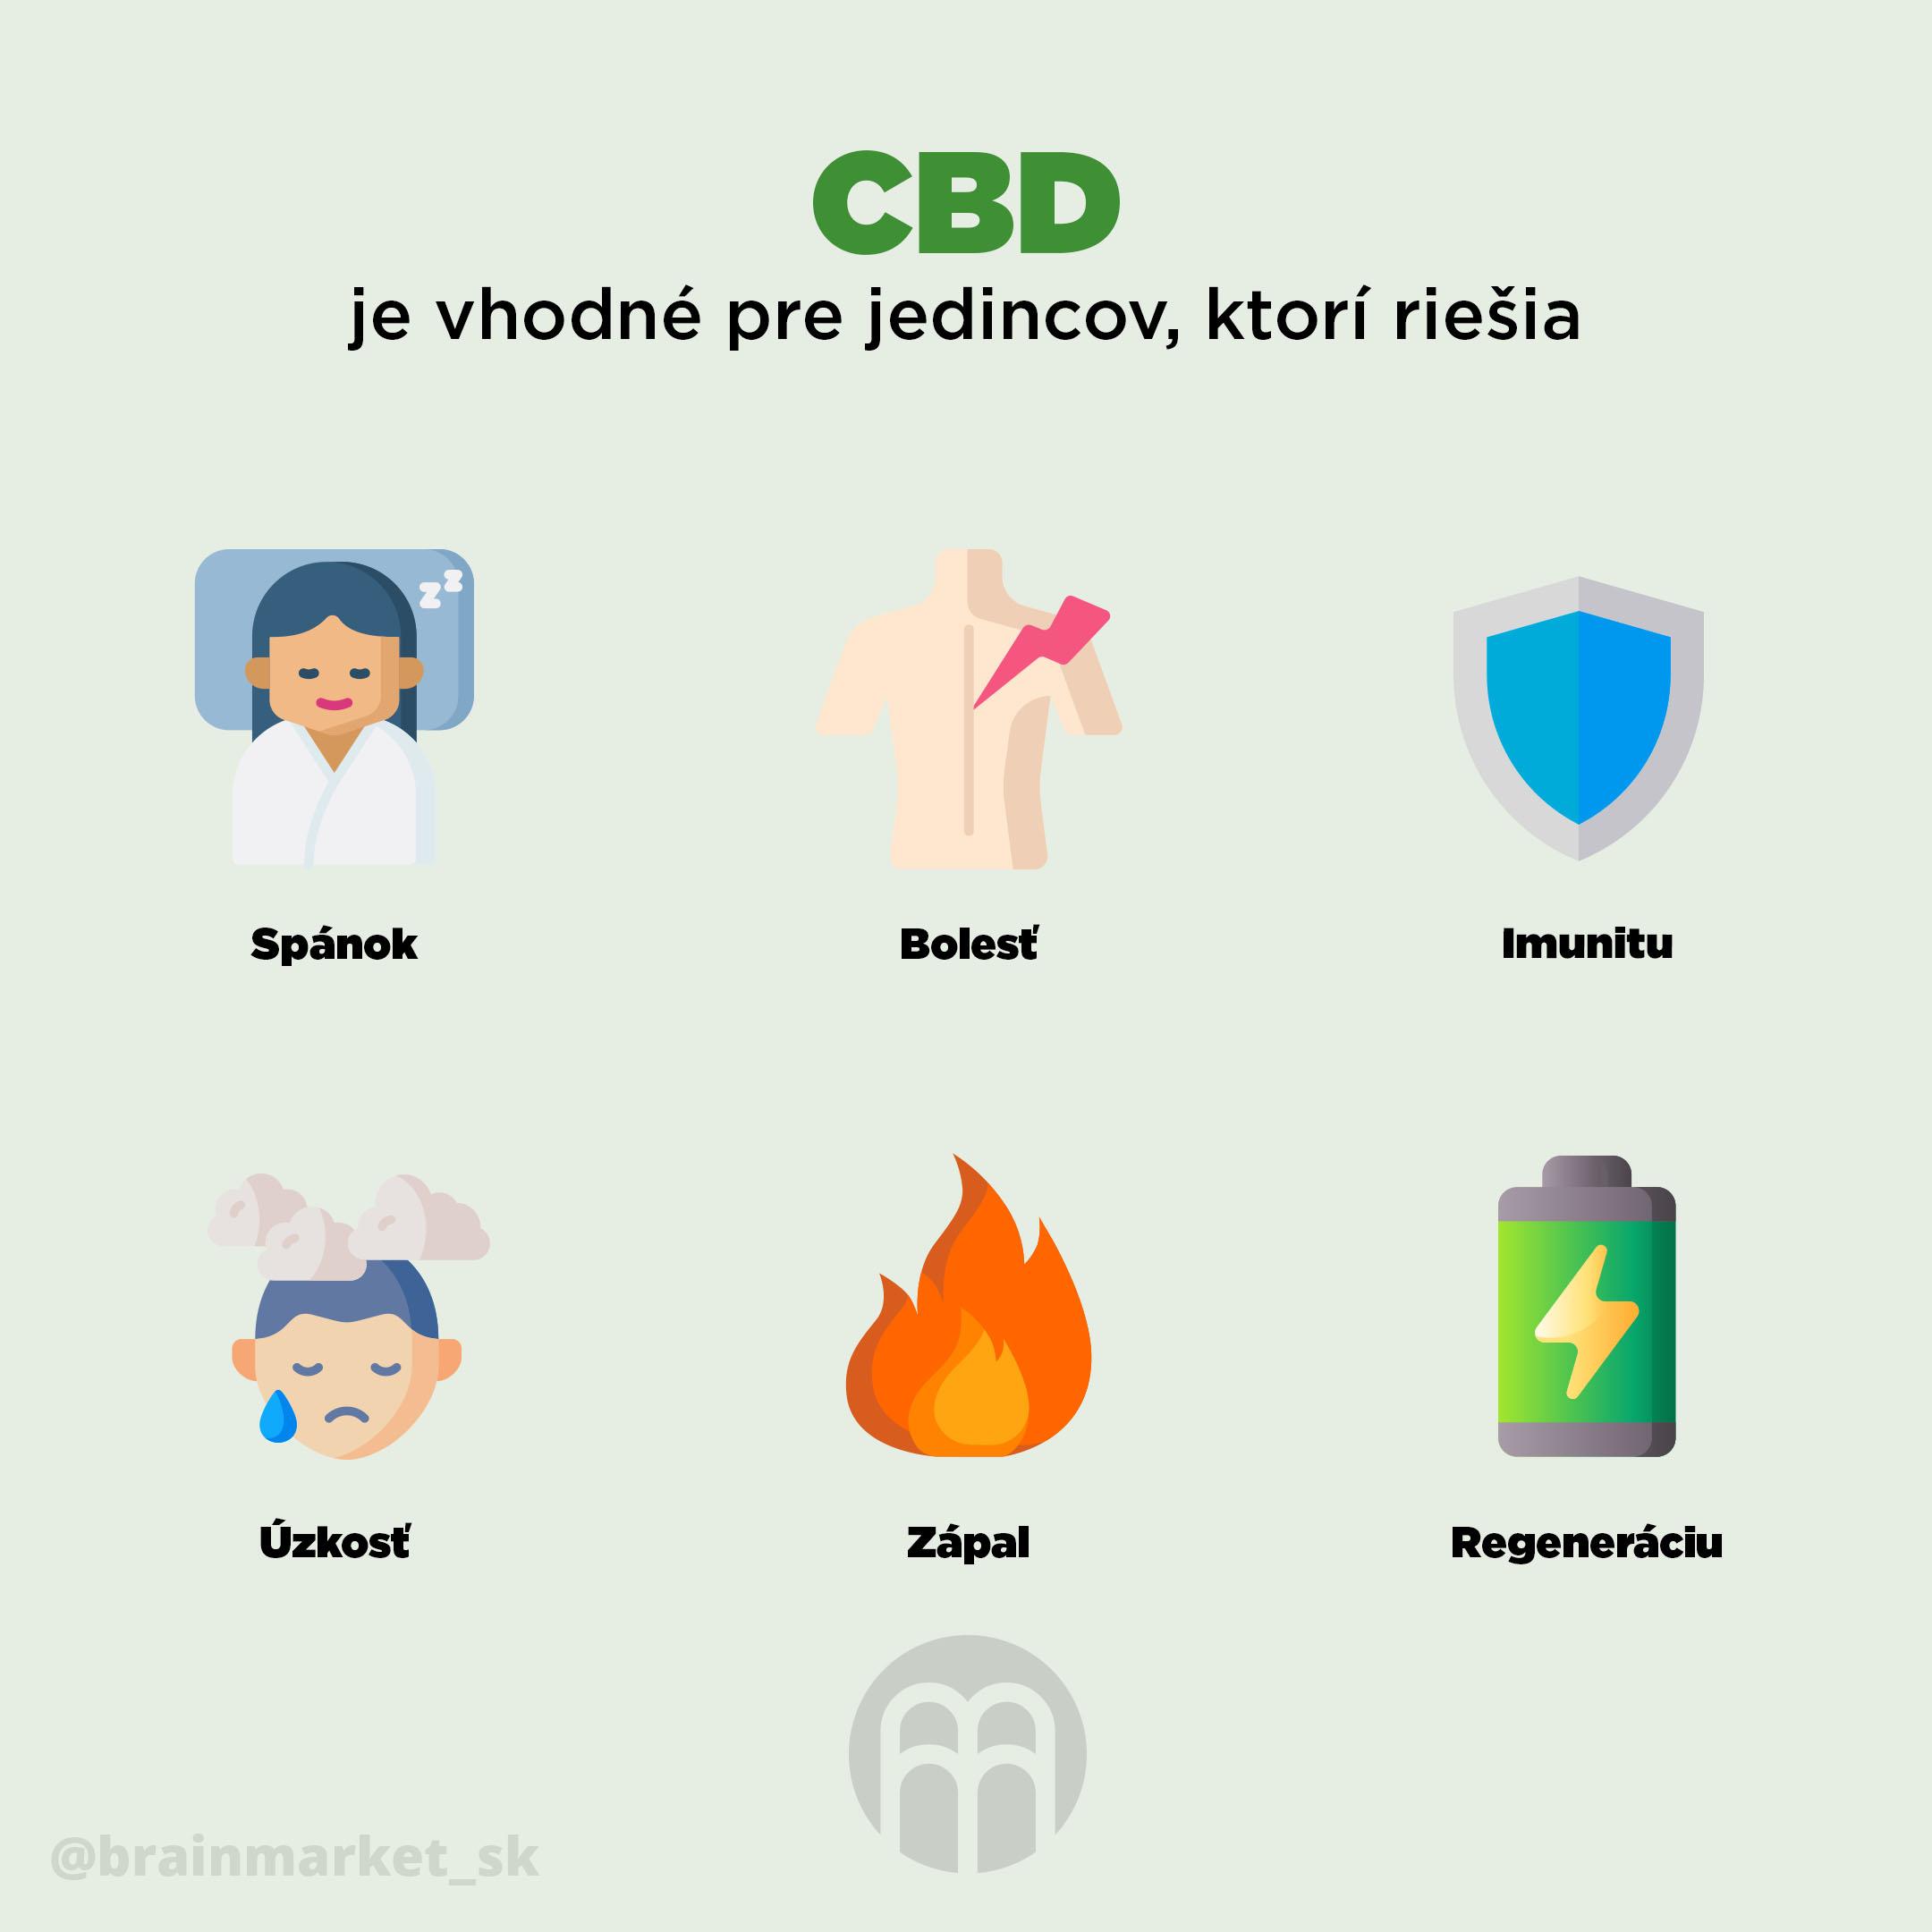 CBD_je_vhodne_pre_jedincov_ktori_resia_Infografika-BrainMarket_SK